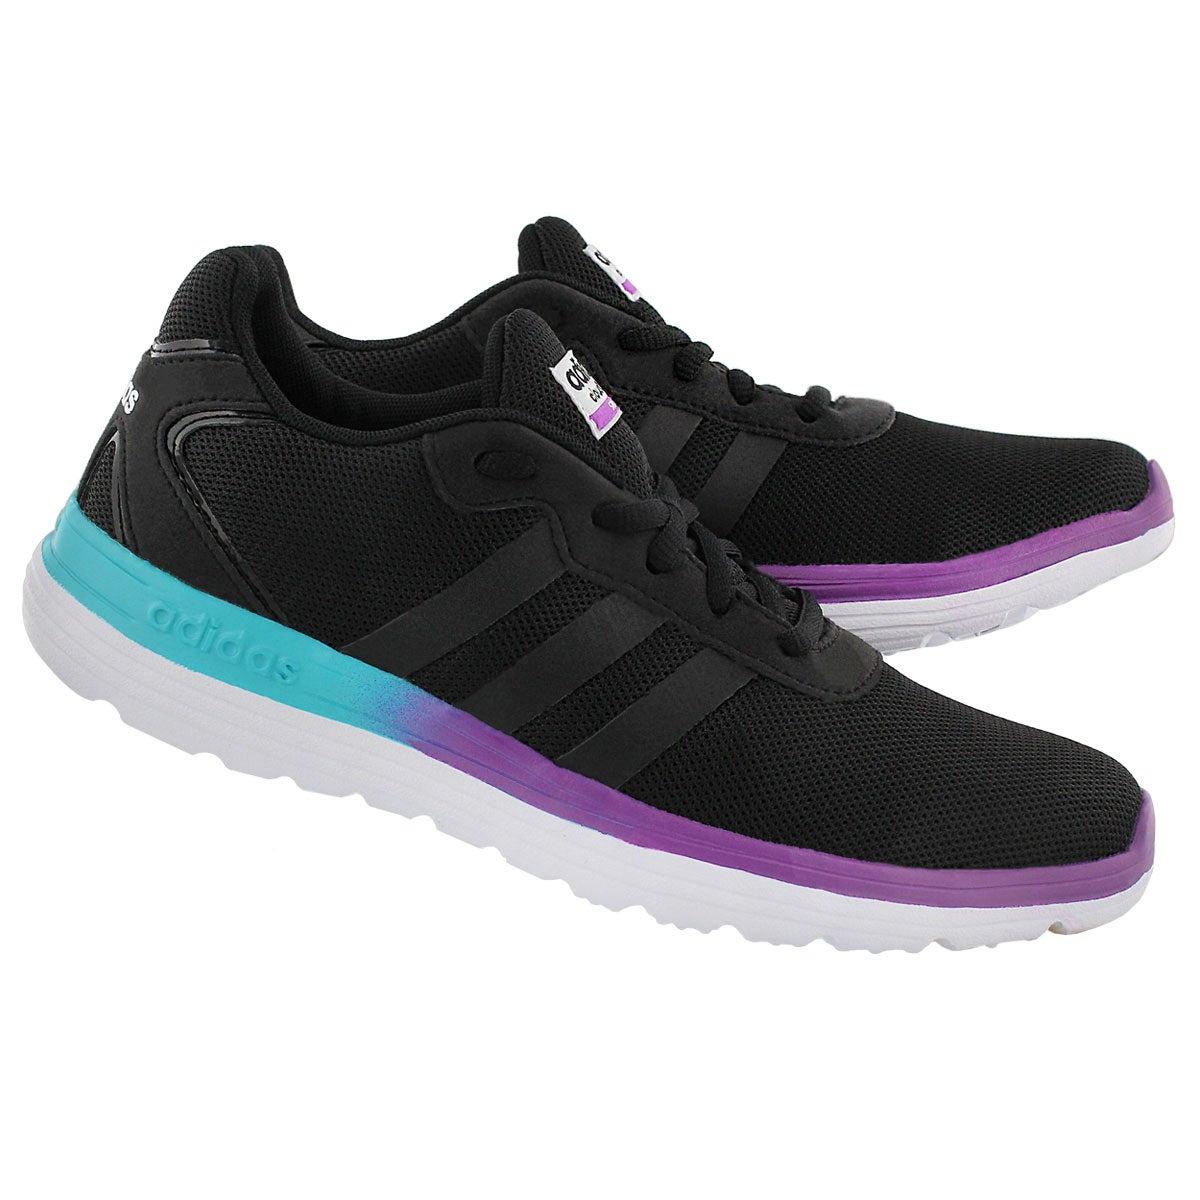 Lds Cloudfoam Speed W blk sneaker